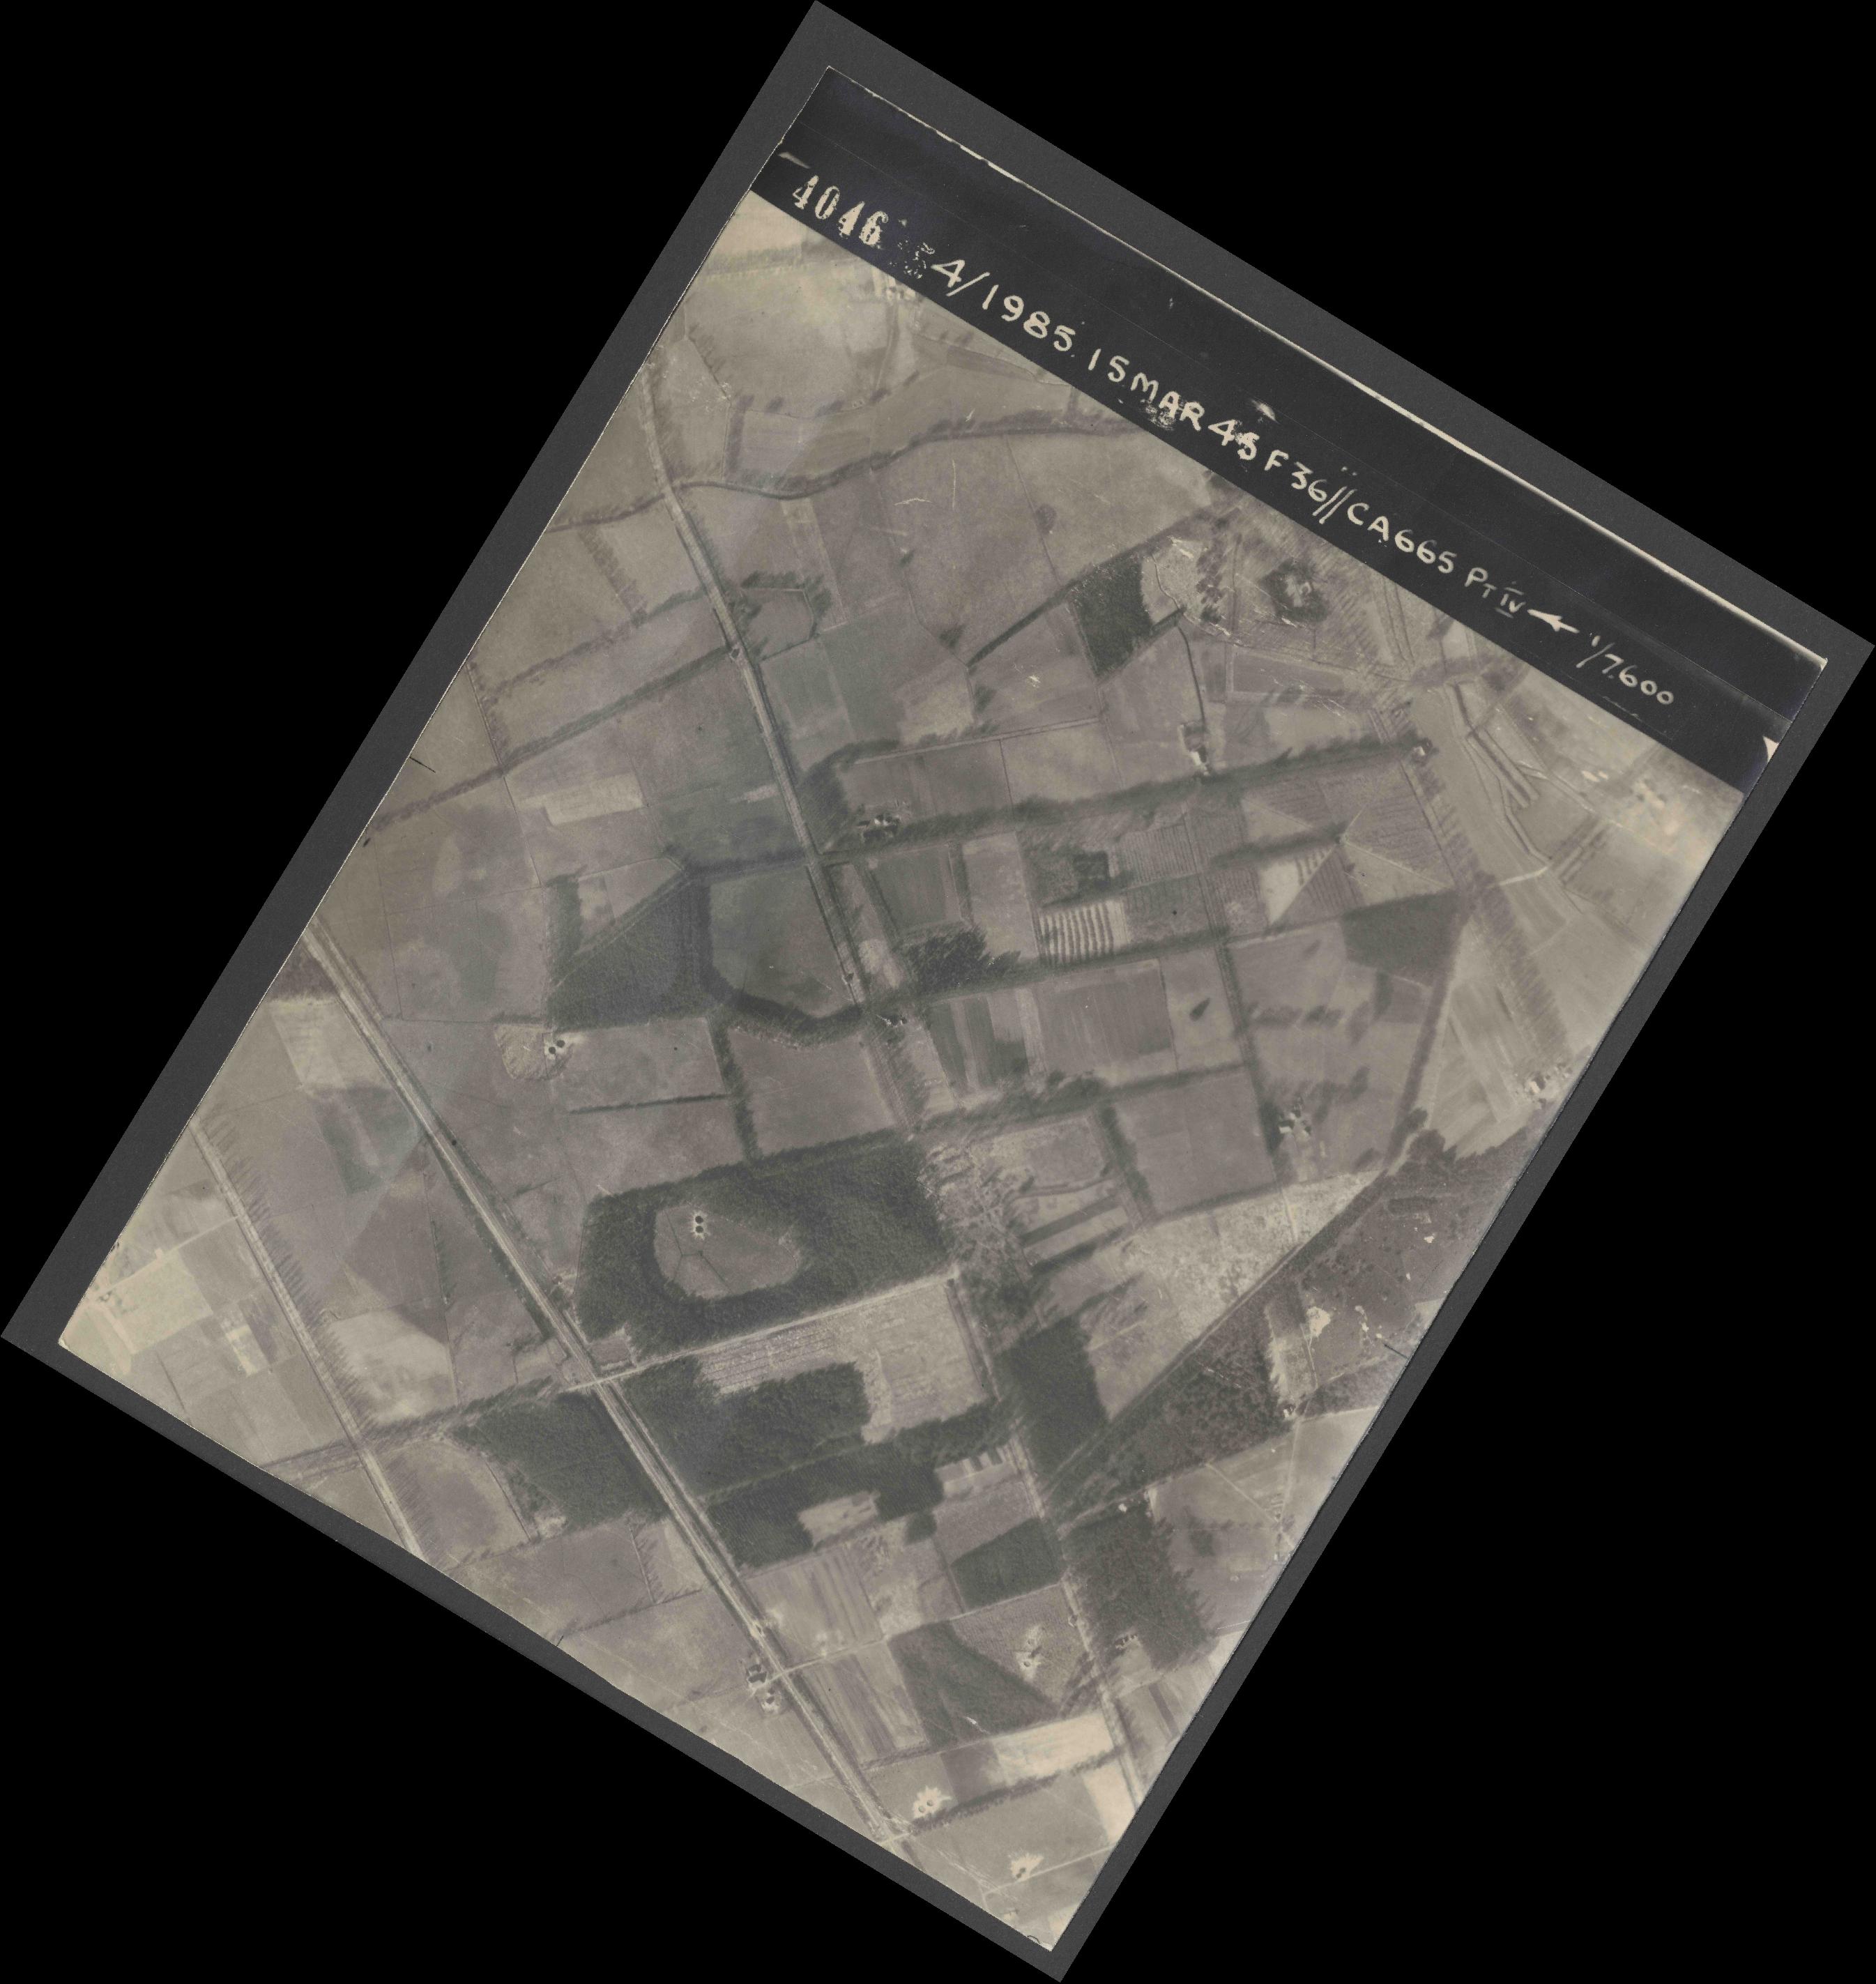 Collection RAF aerial photos 1940-1945 - flight 059, run 03, photo 4046